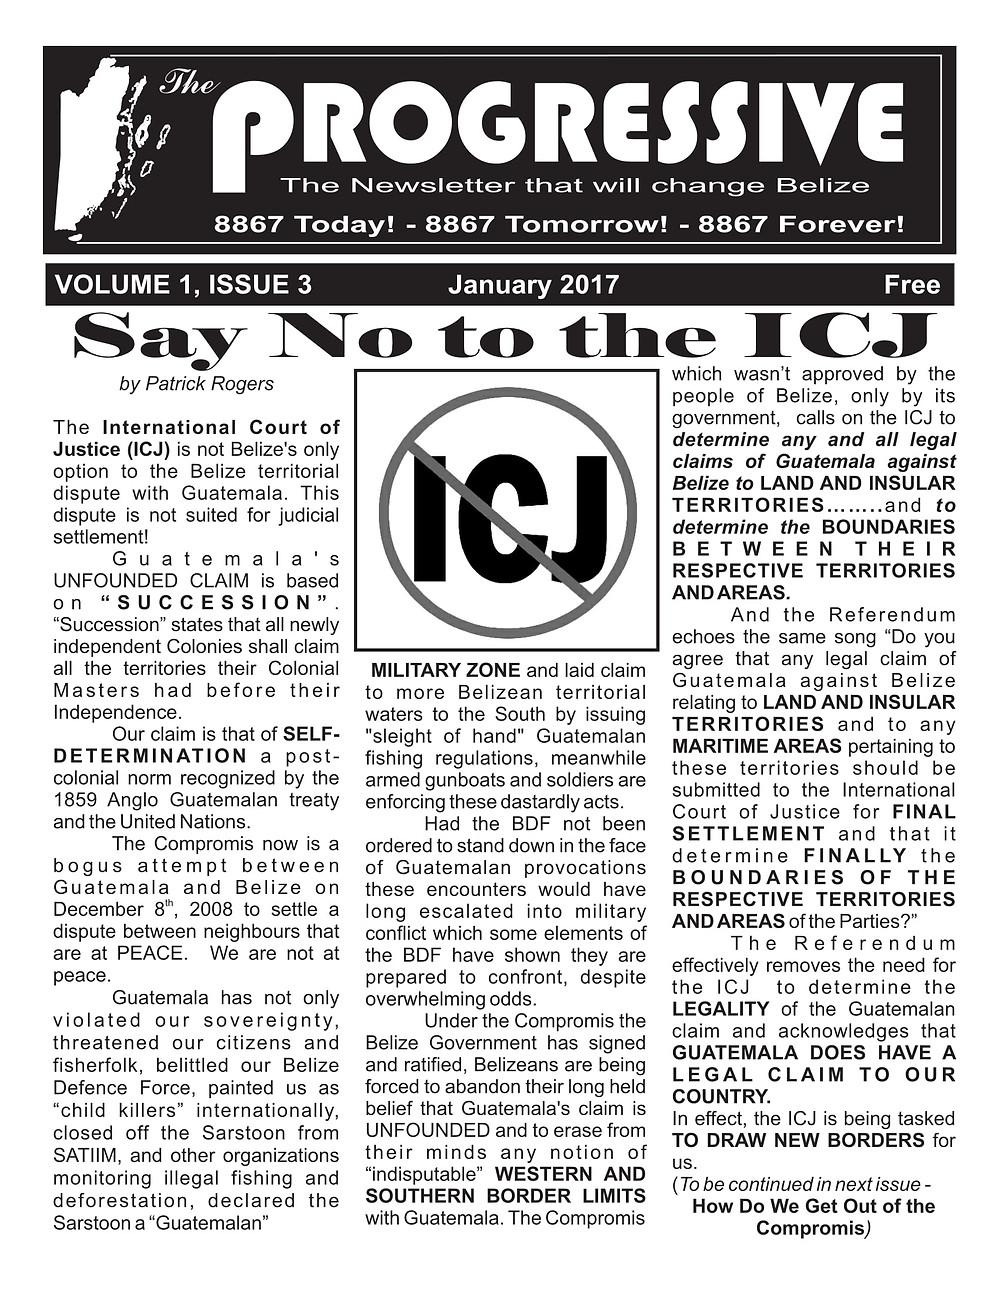 The Progressive Vol. 1 Issue 3